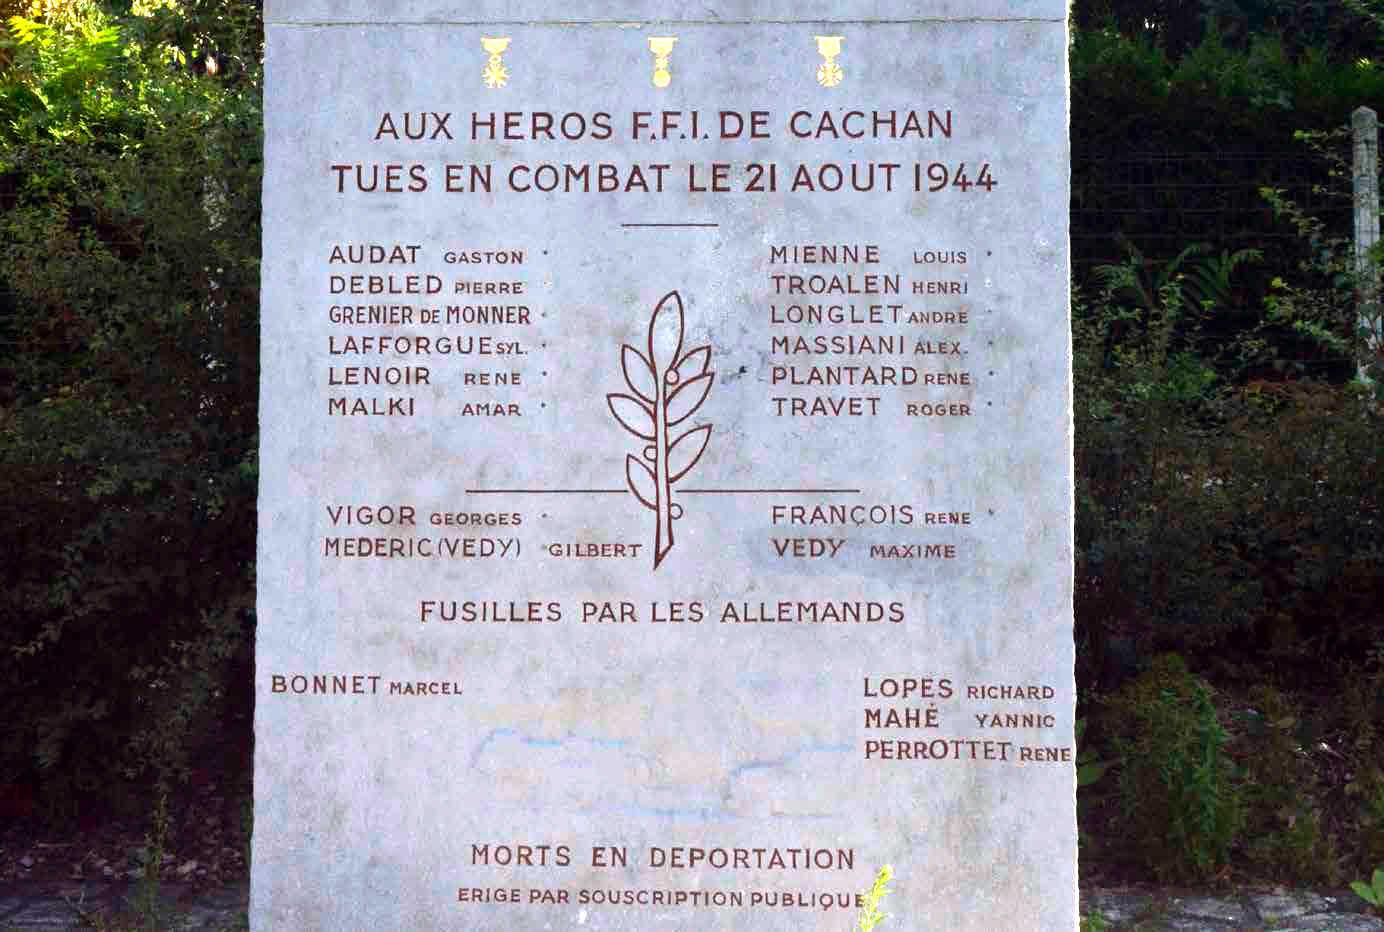 Detall del monument erigit en 1945 en memòria dels caiguts de les FFI de Cachan, entre ells Sylvain Lafforgue